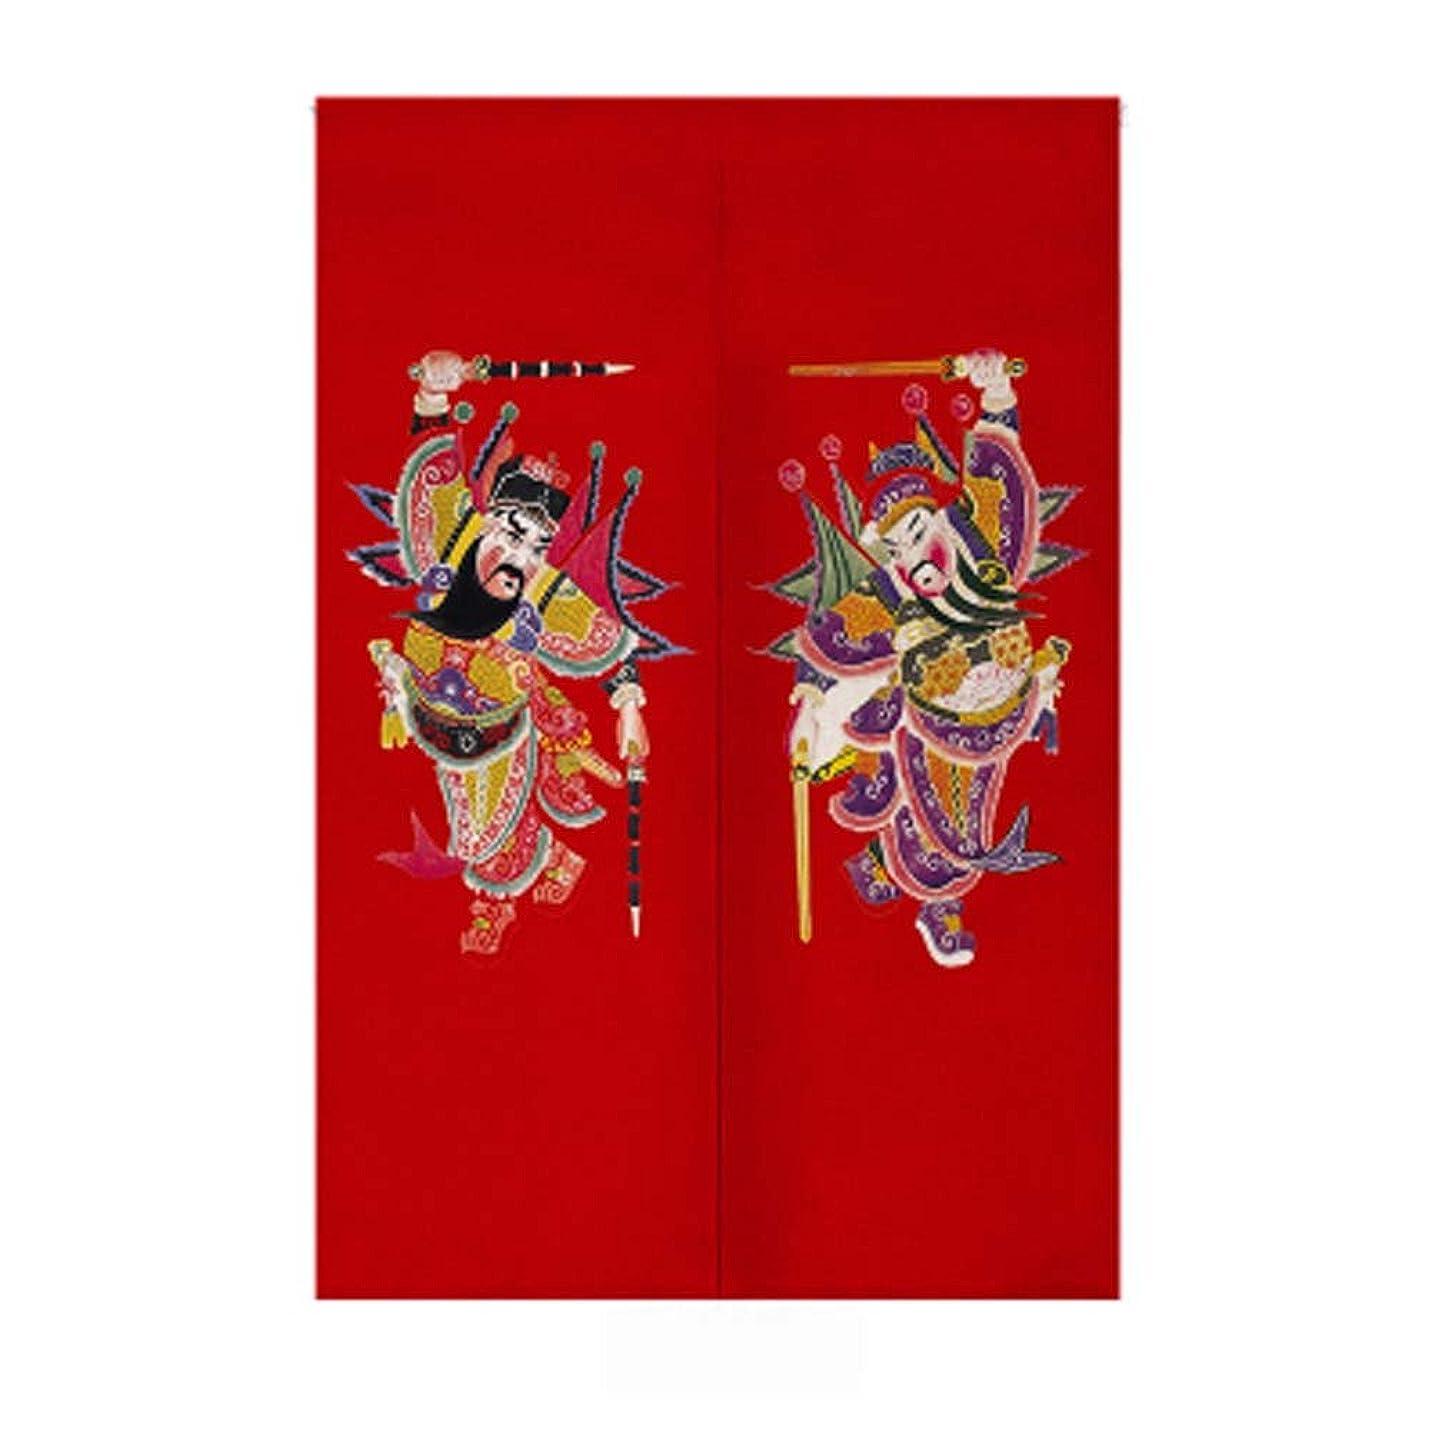 おもちゃにぎやか内側伝統的な中国式戸口日本語ノーレンカーテン寝室カーテン、#01